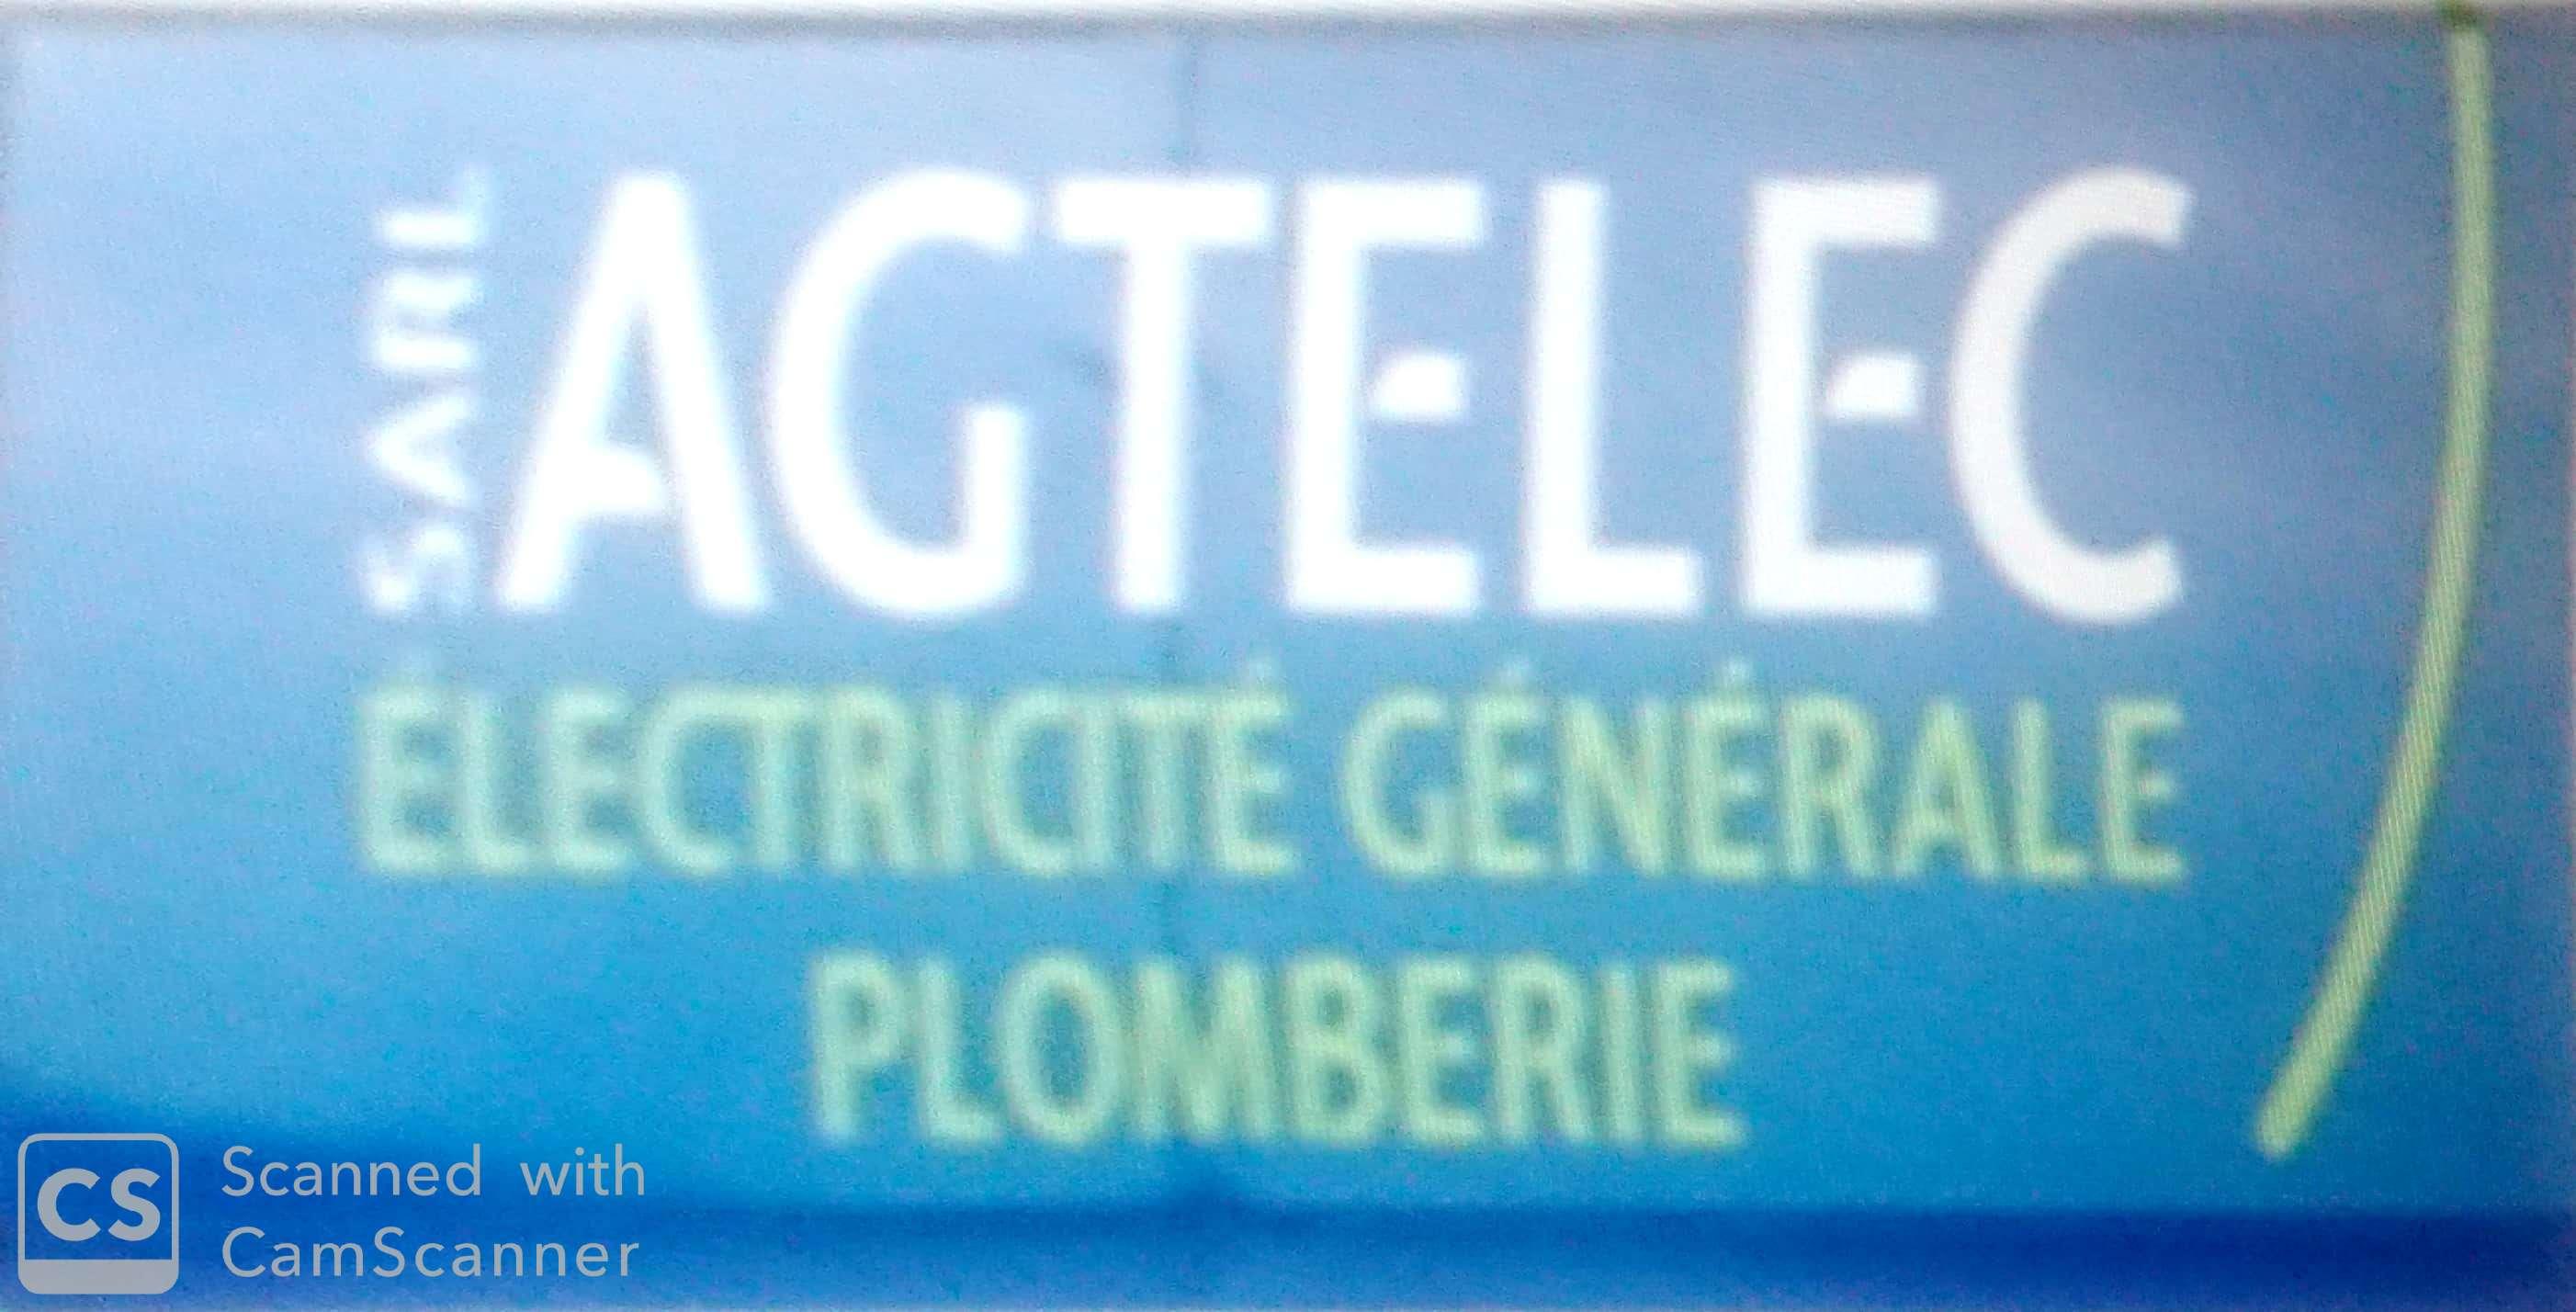 AGTELEC.jpg